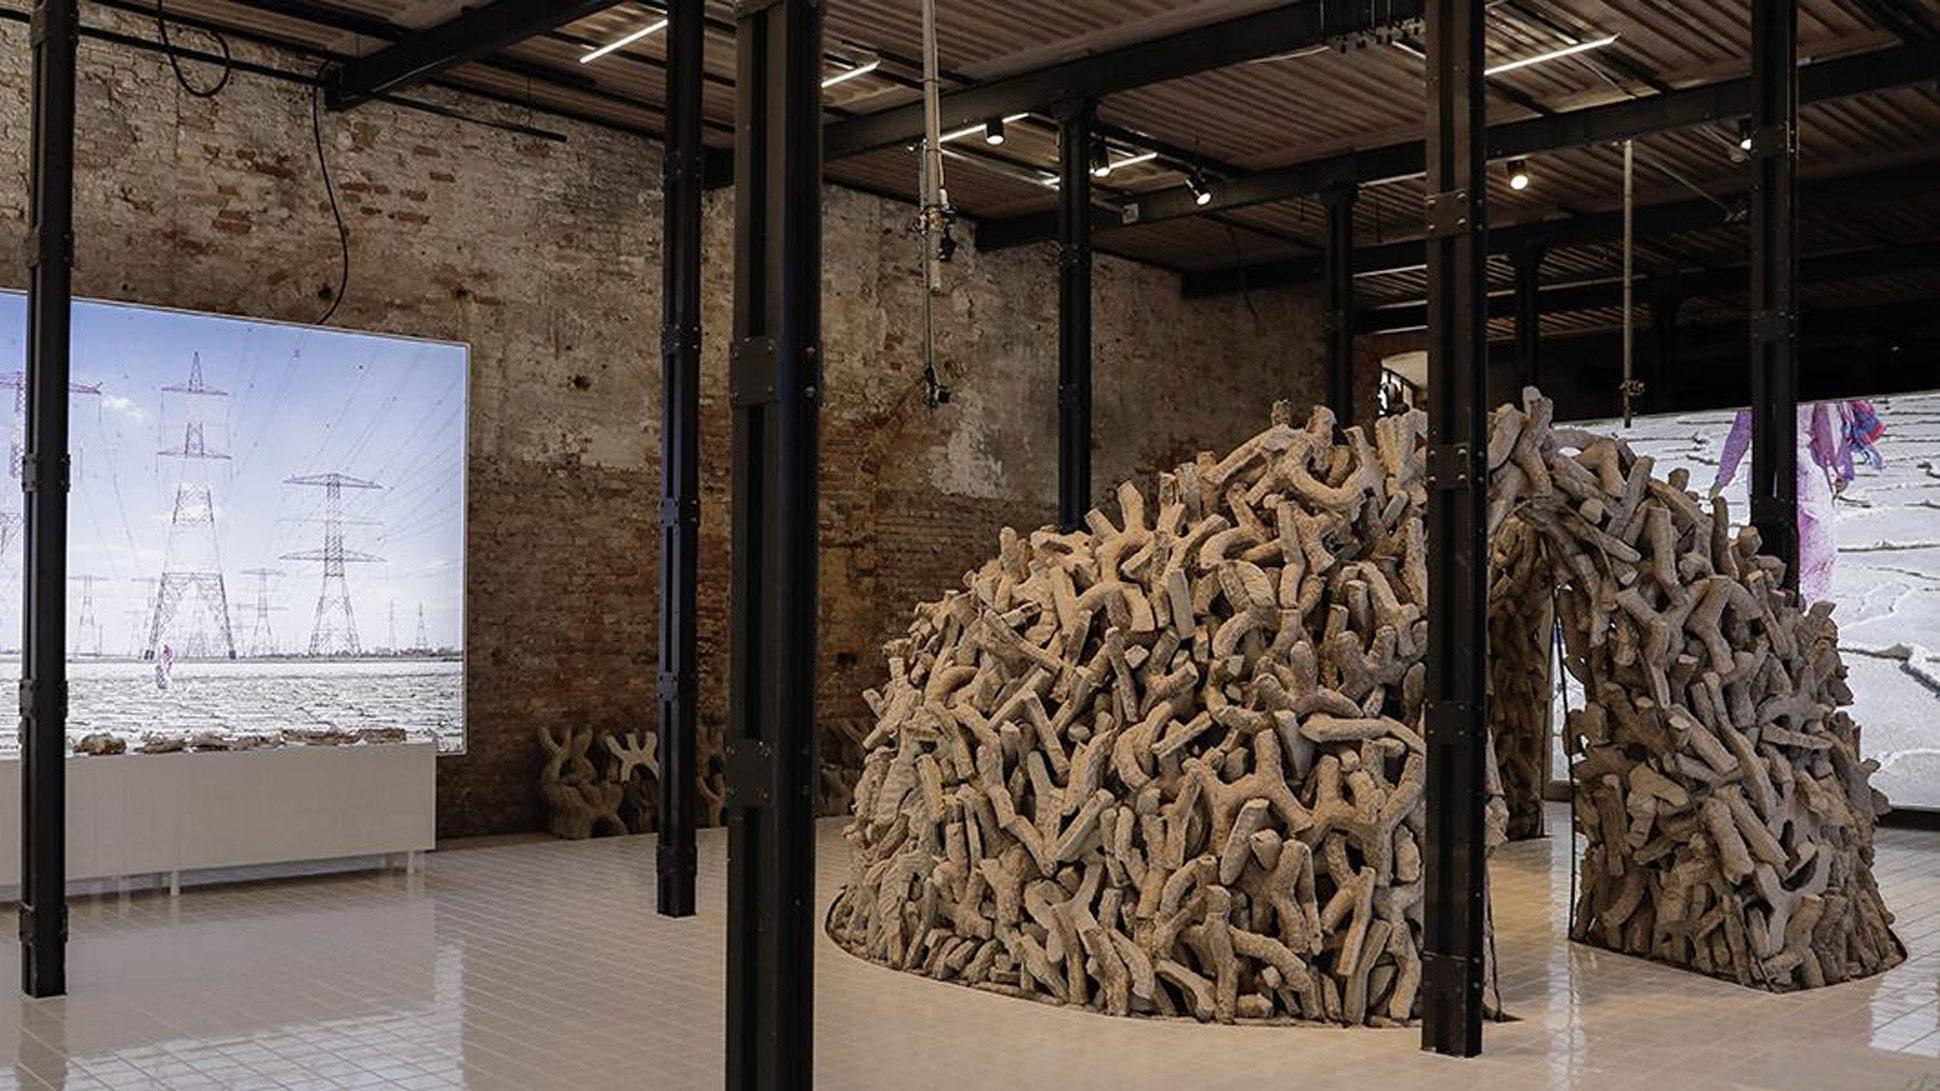 UAE pavilion at Venice Architecture Biennale won the Golden Lion